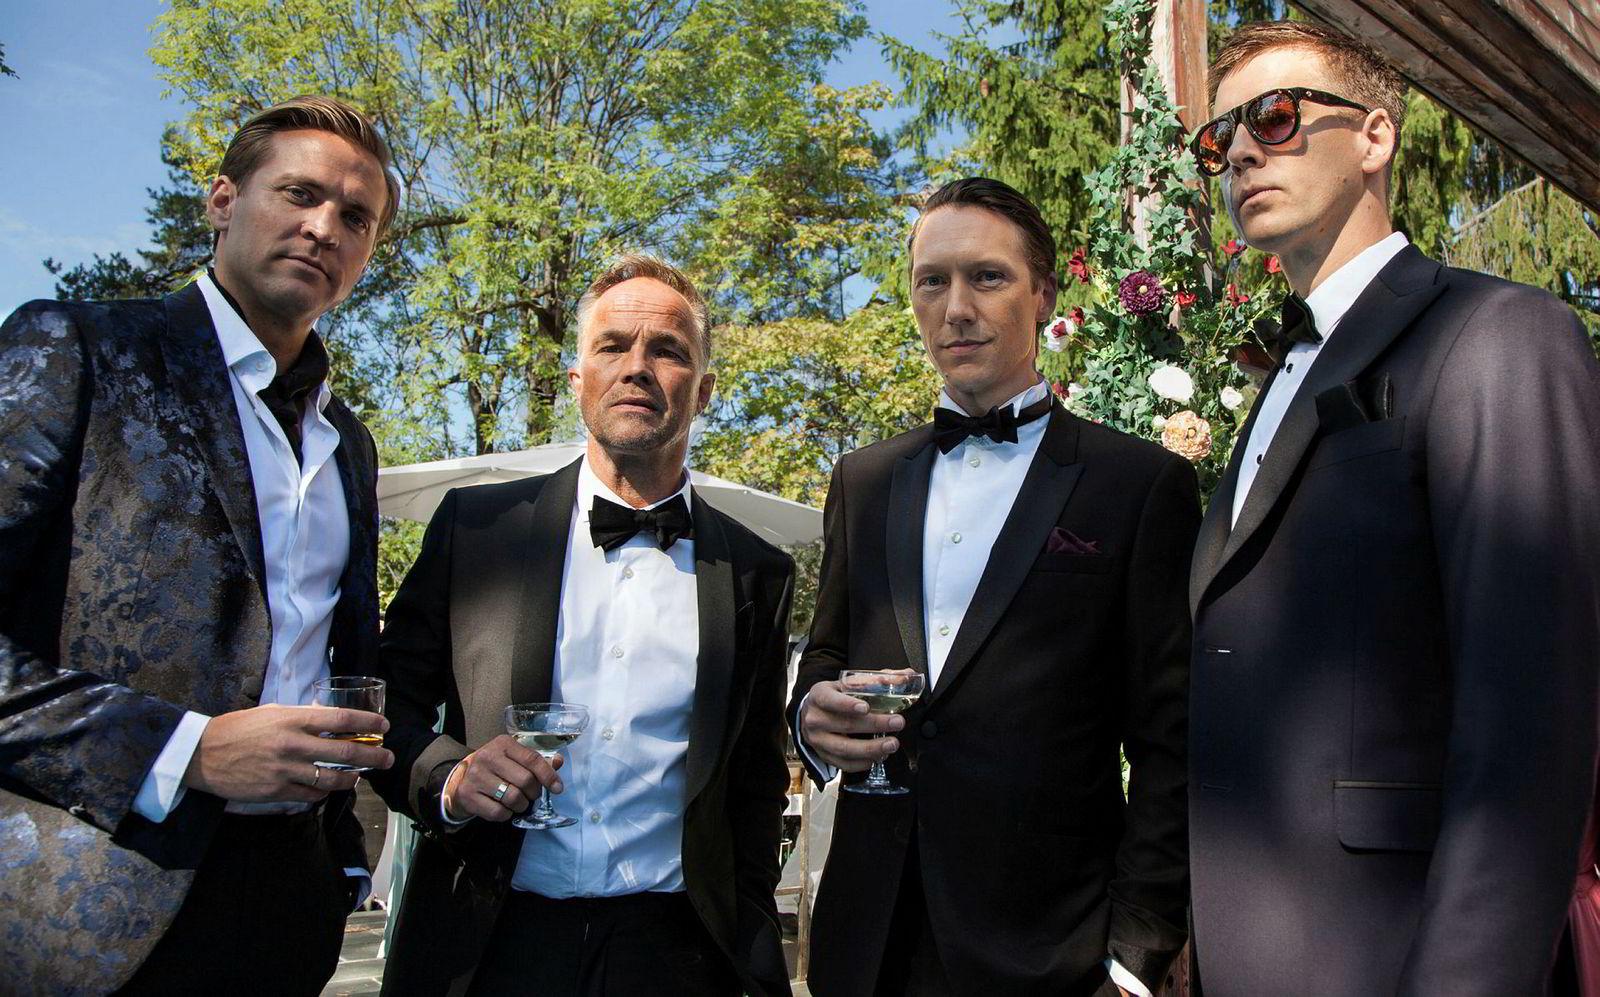 Henrik, Jeppe, Adam og William er fire menn i finansbransjen som trår langt over moralske grenser i jakt etter spenning.